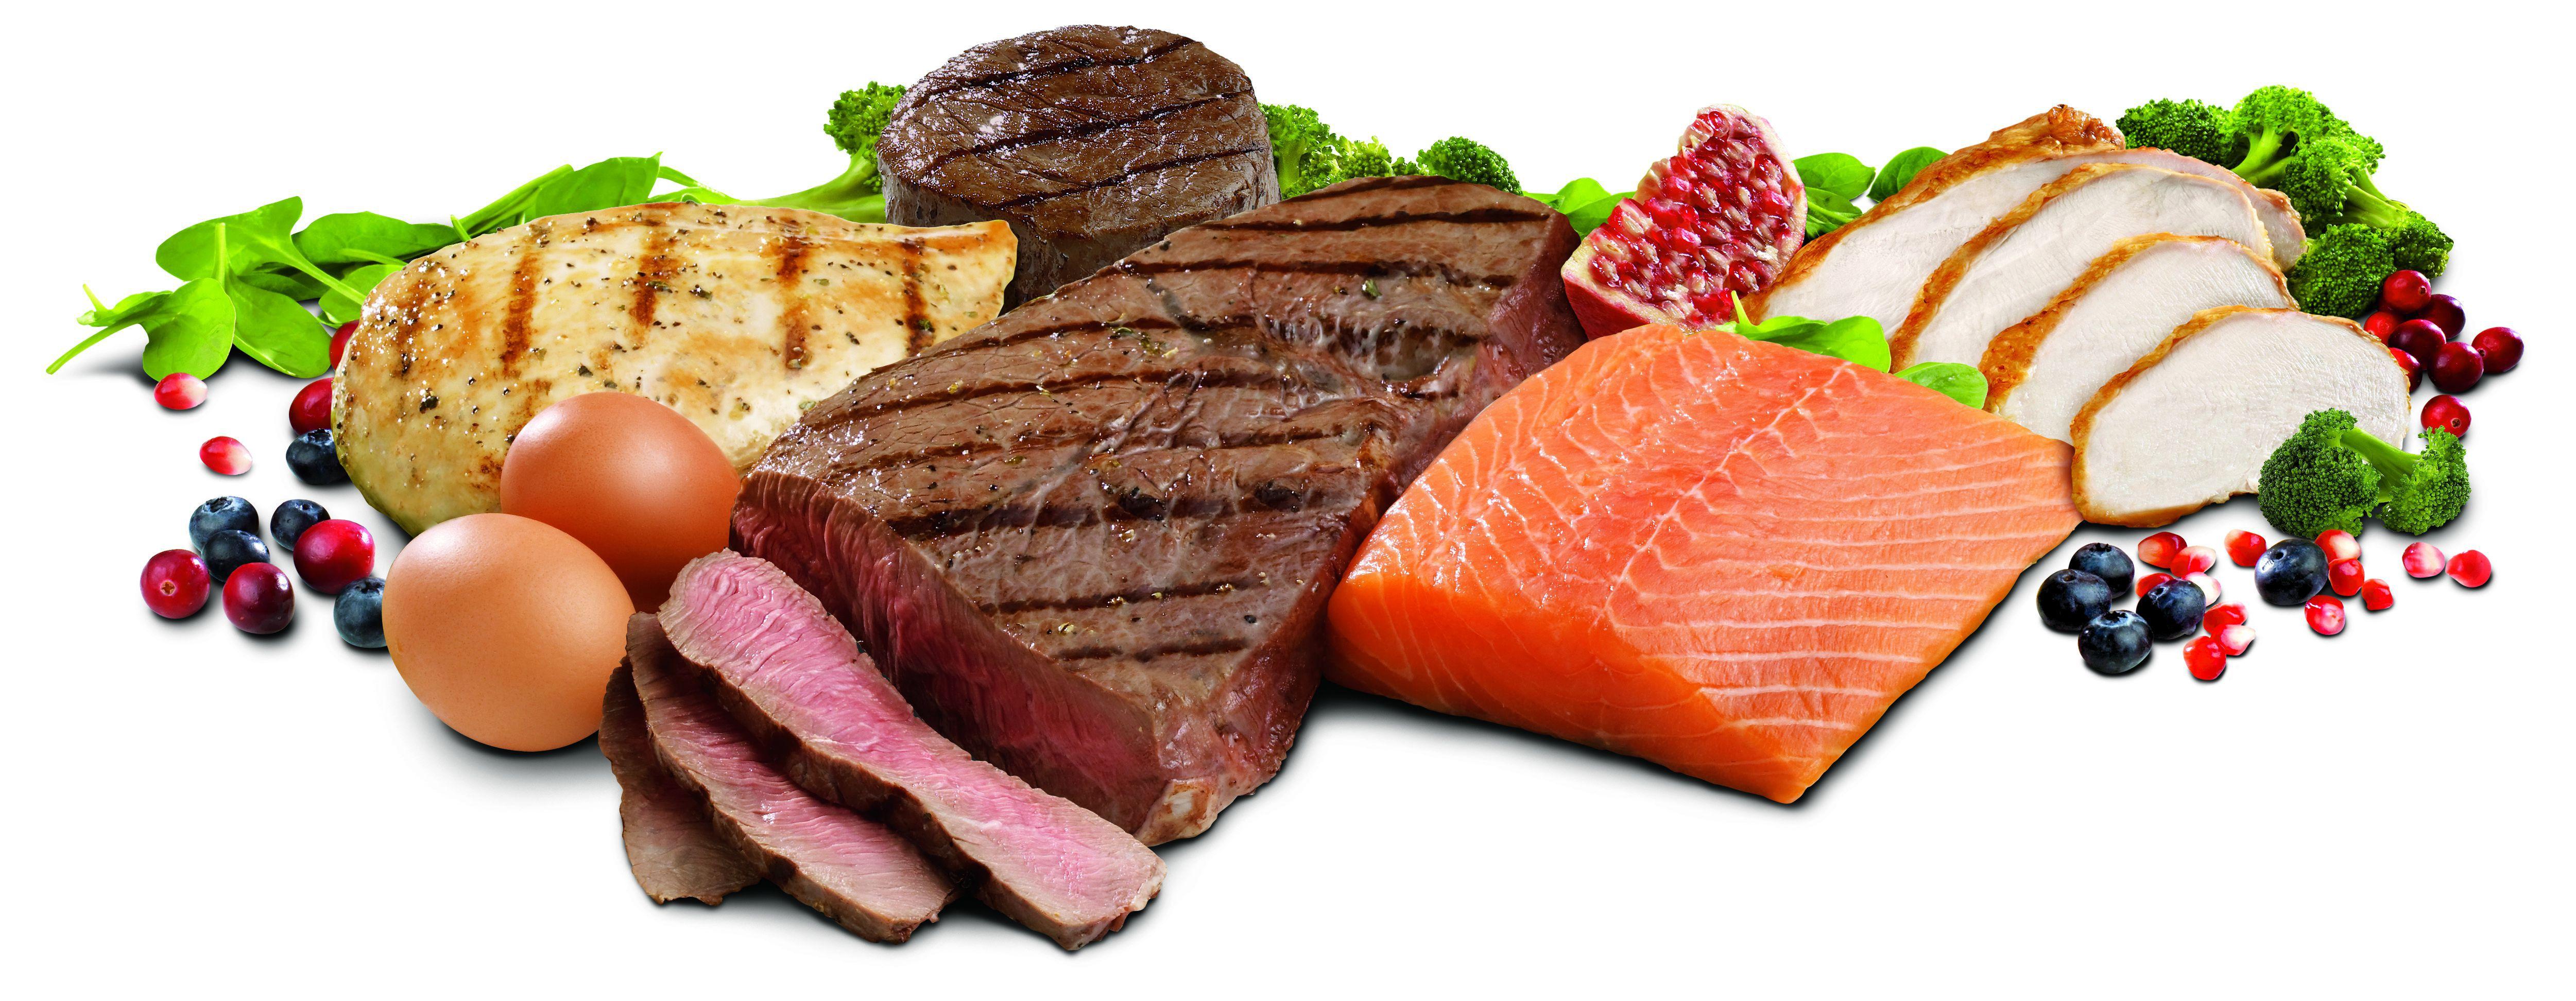 Dieta cetogénica (IV): efectos en la composición corporal